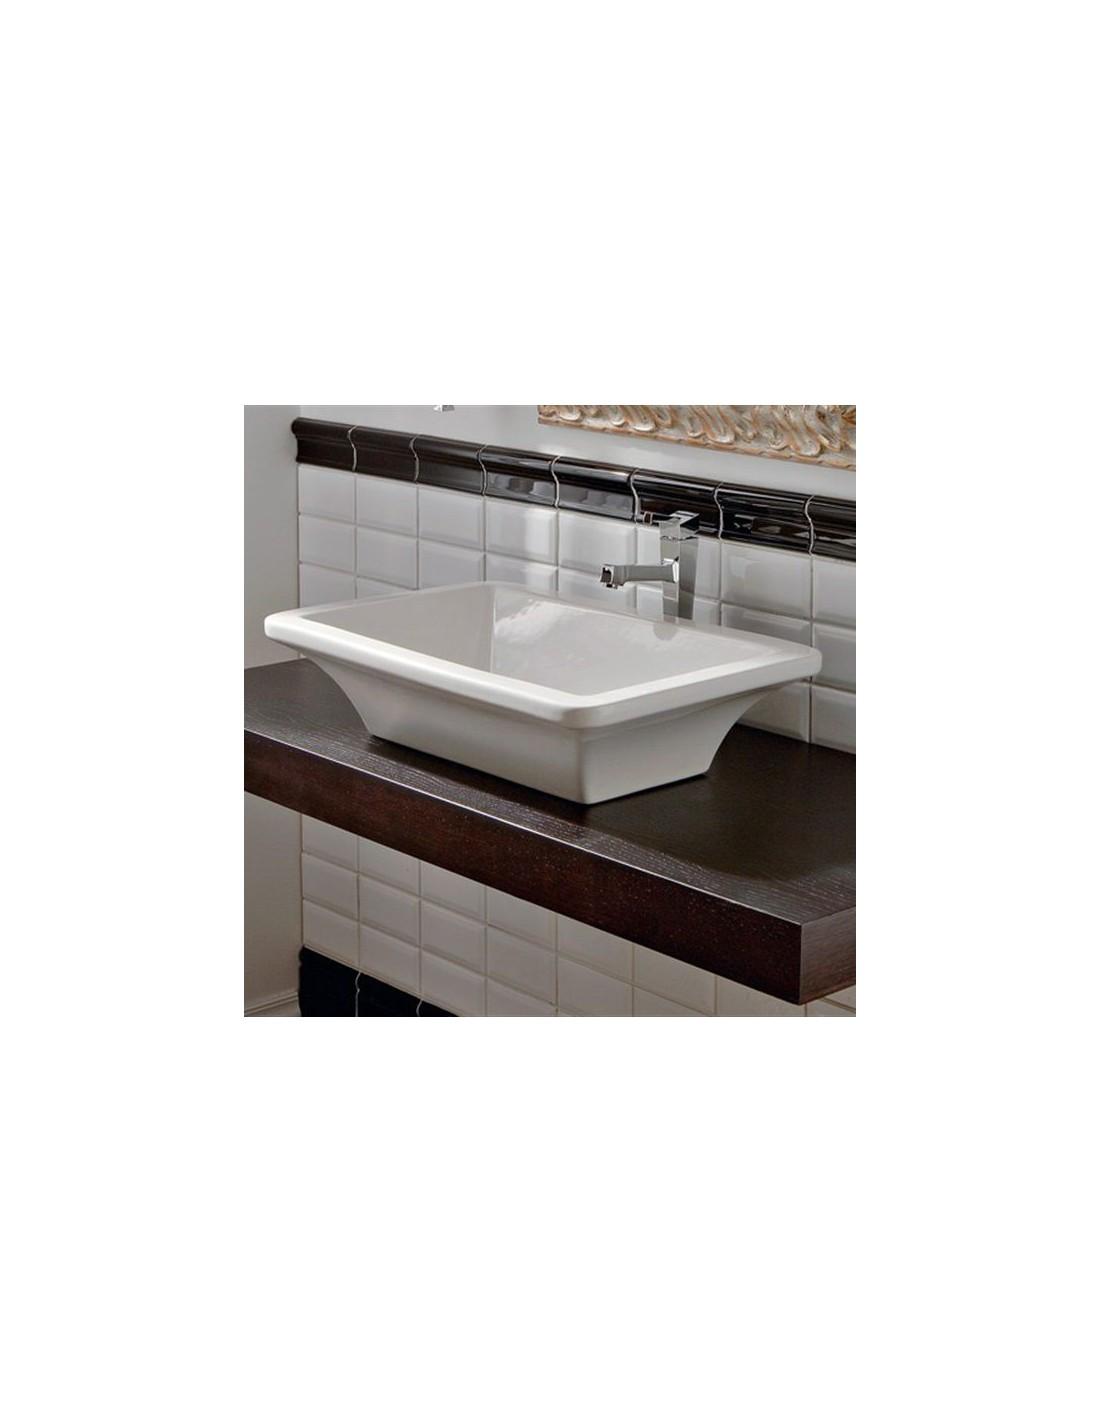 vasque poser butterfly 60 valente design. Black Bedroom Furniture Sets. Home Design Ideas